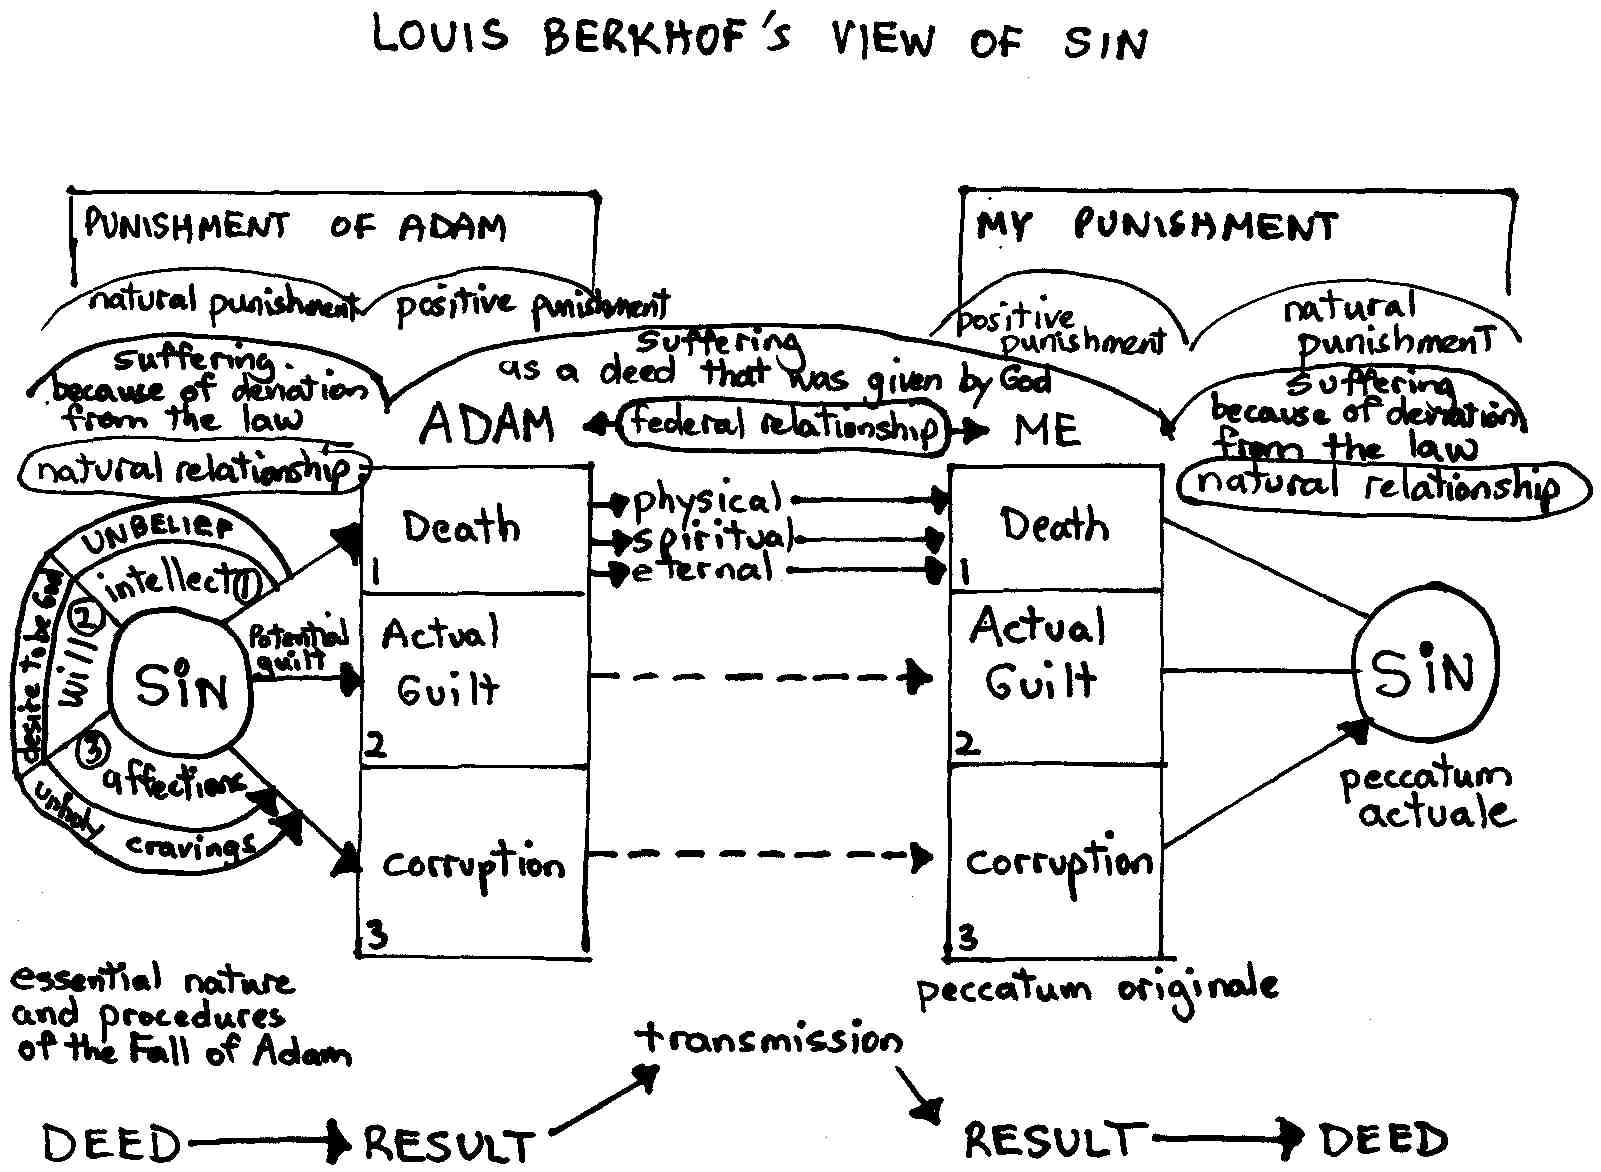 louis berkhof view of sin.jpg